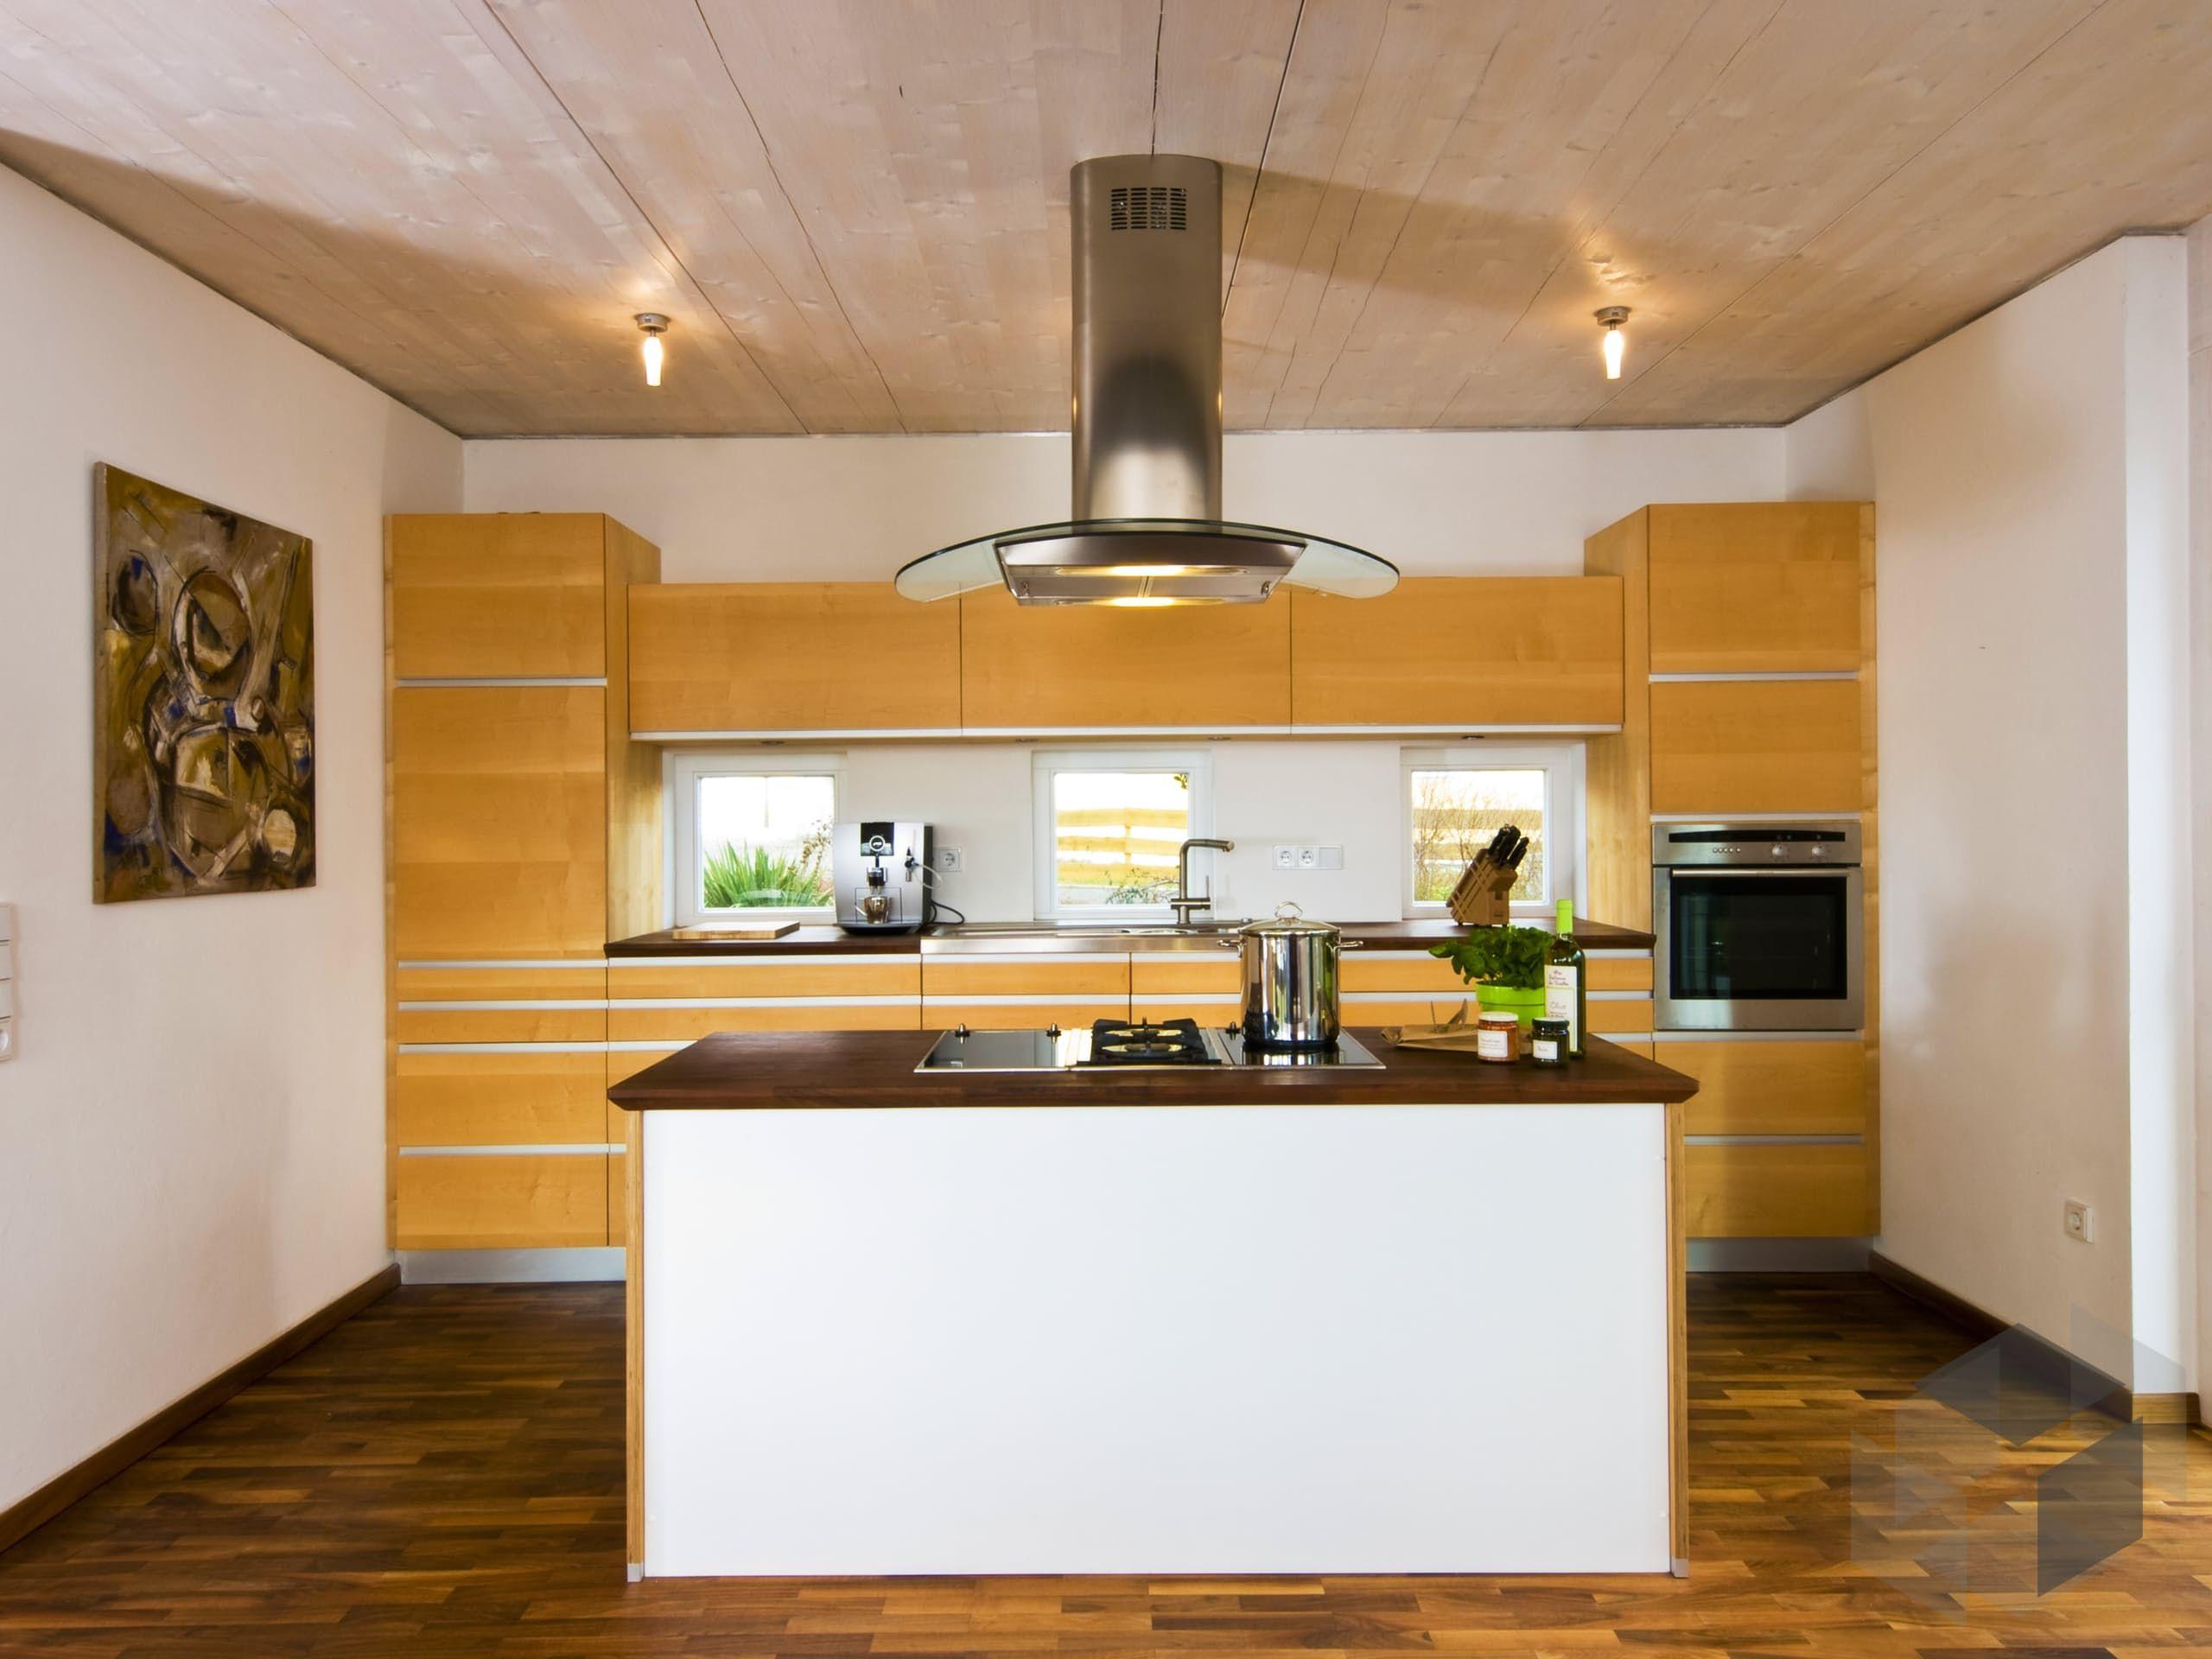 Holzküche aus dem Haus 'Engelhardt' von Baufritz Alle